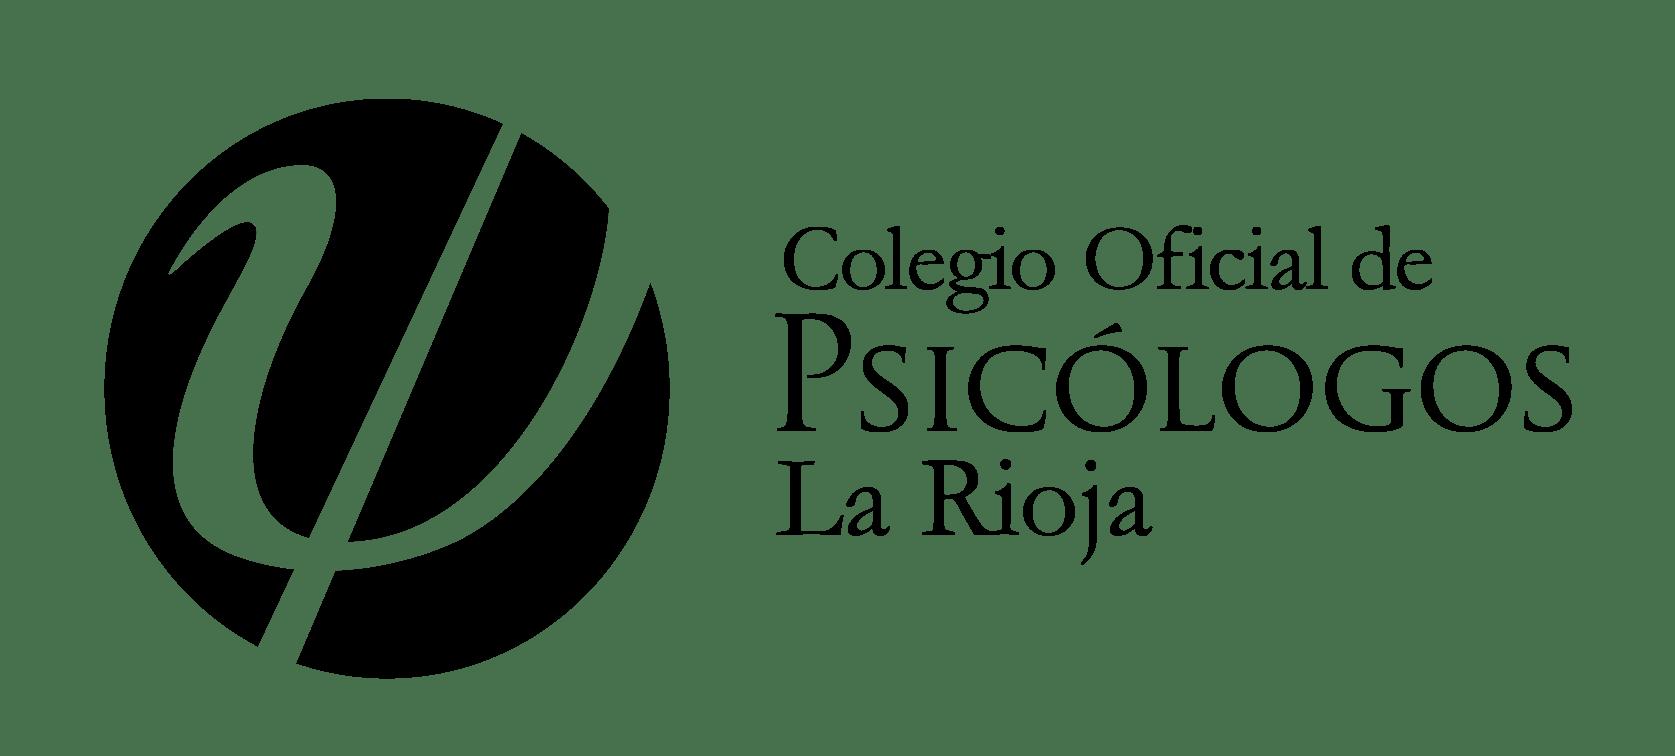 Colegio Oficial de Psicología de la Rioja